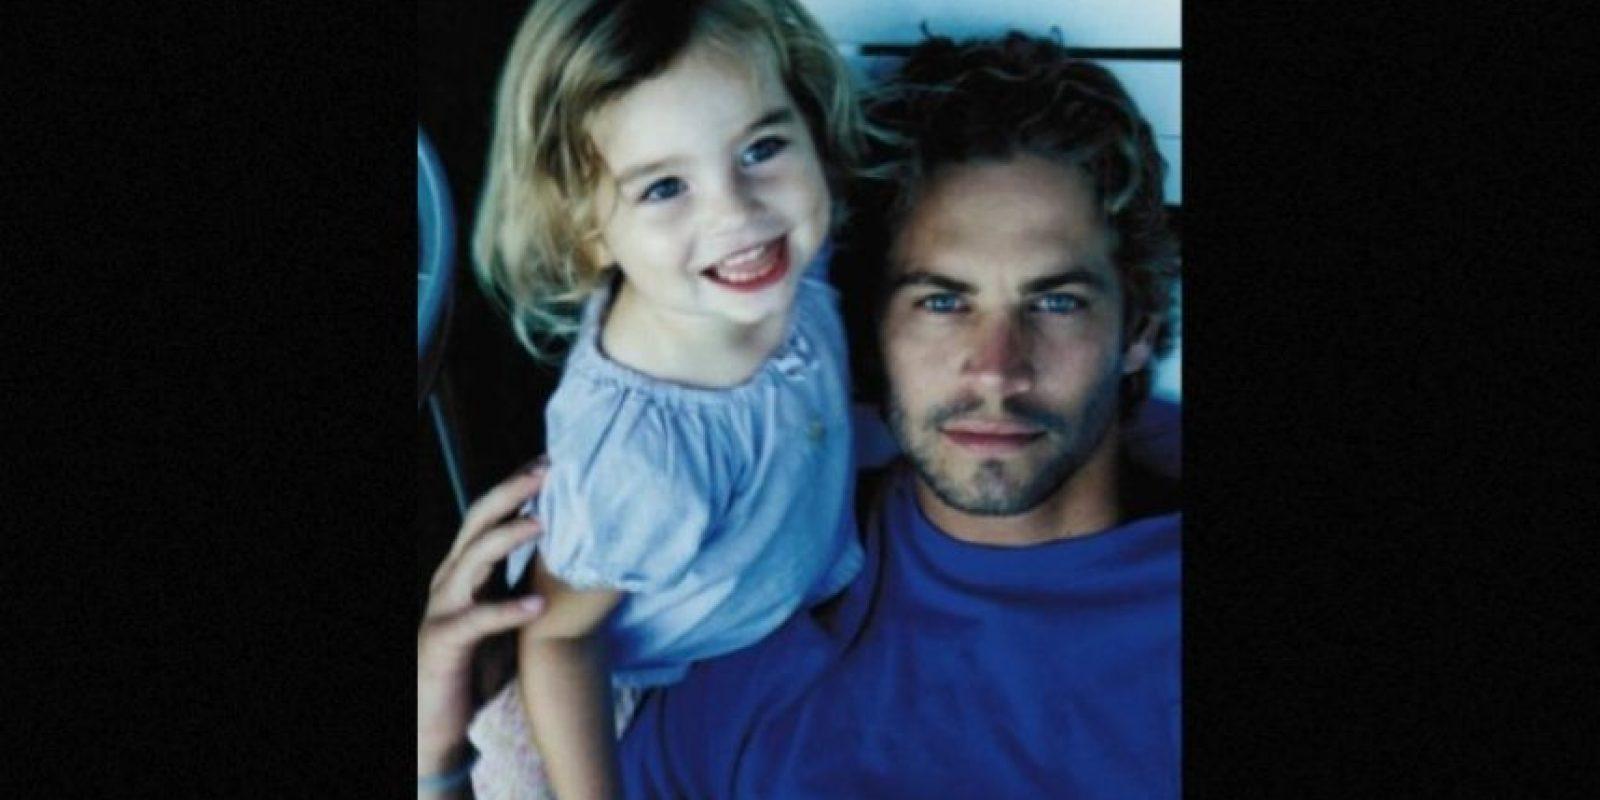 Su hija, Meadow, vivía con él desde 2011 y acababa de cumplir 15 años. Foto:Instagram/meadowwalker